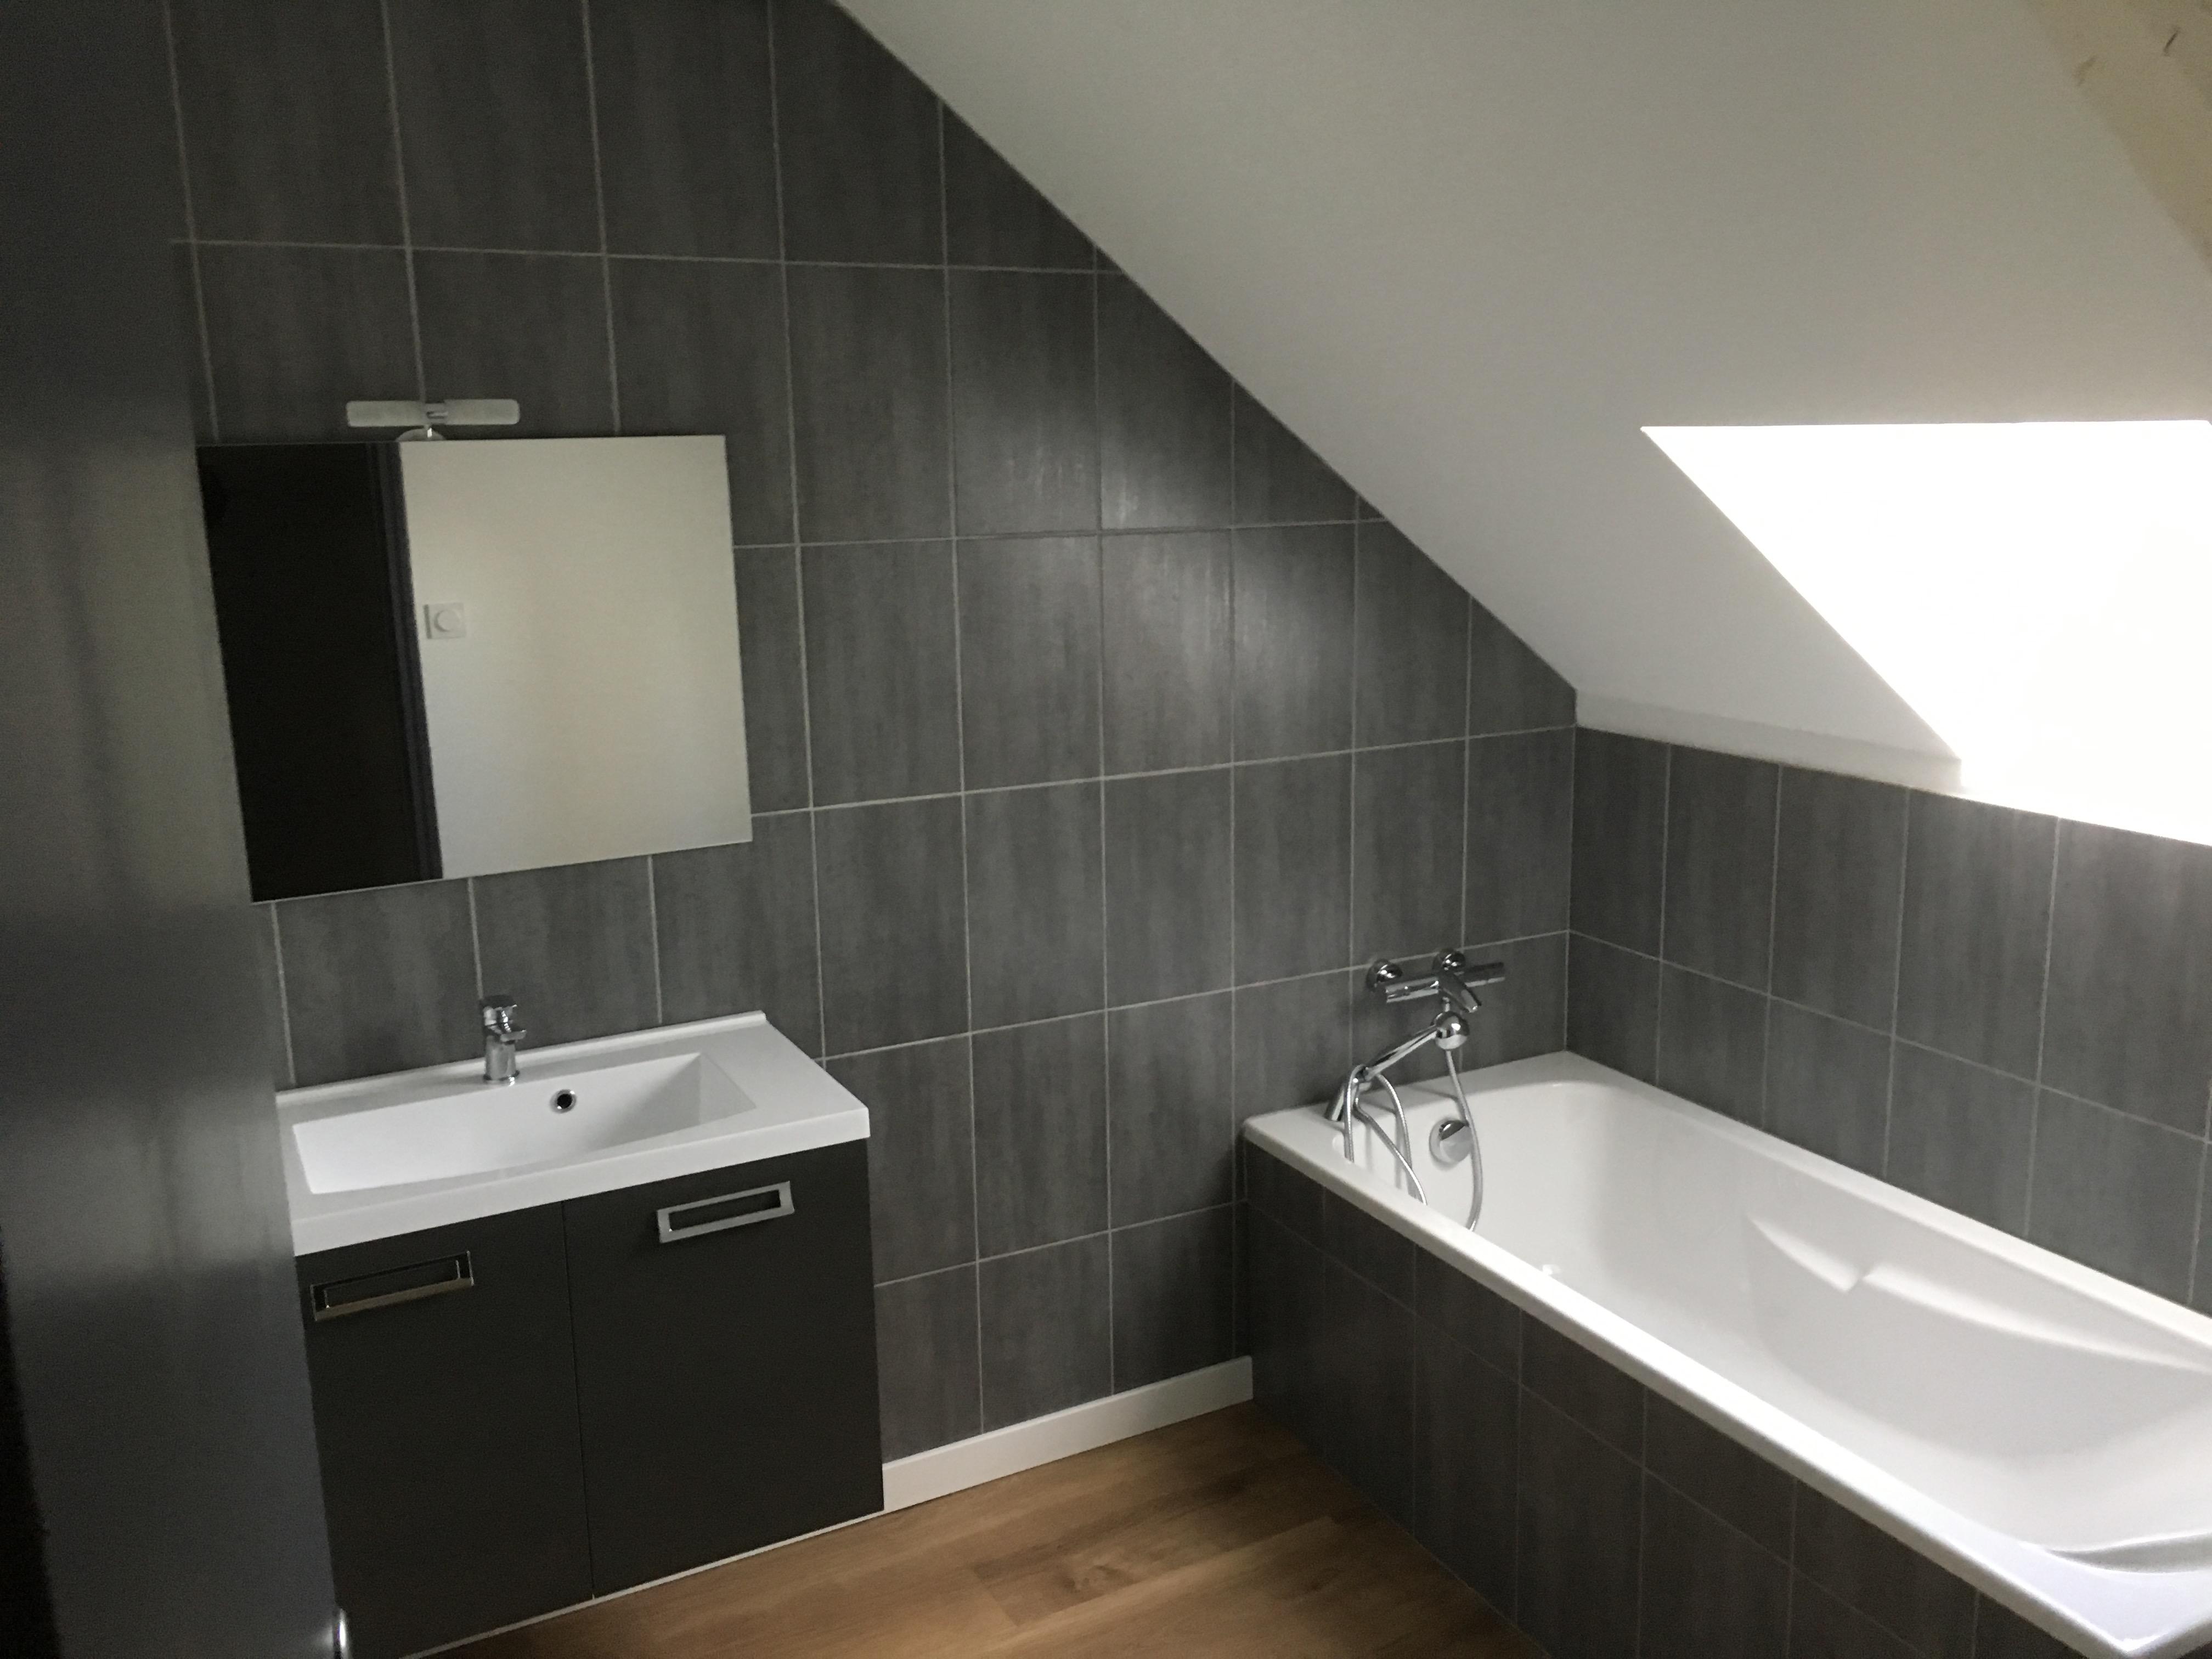 Entreprise Christophe Courric à Concarneau : salle de bains